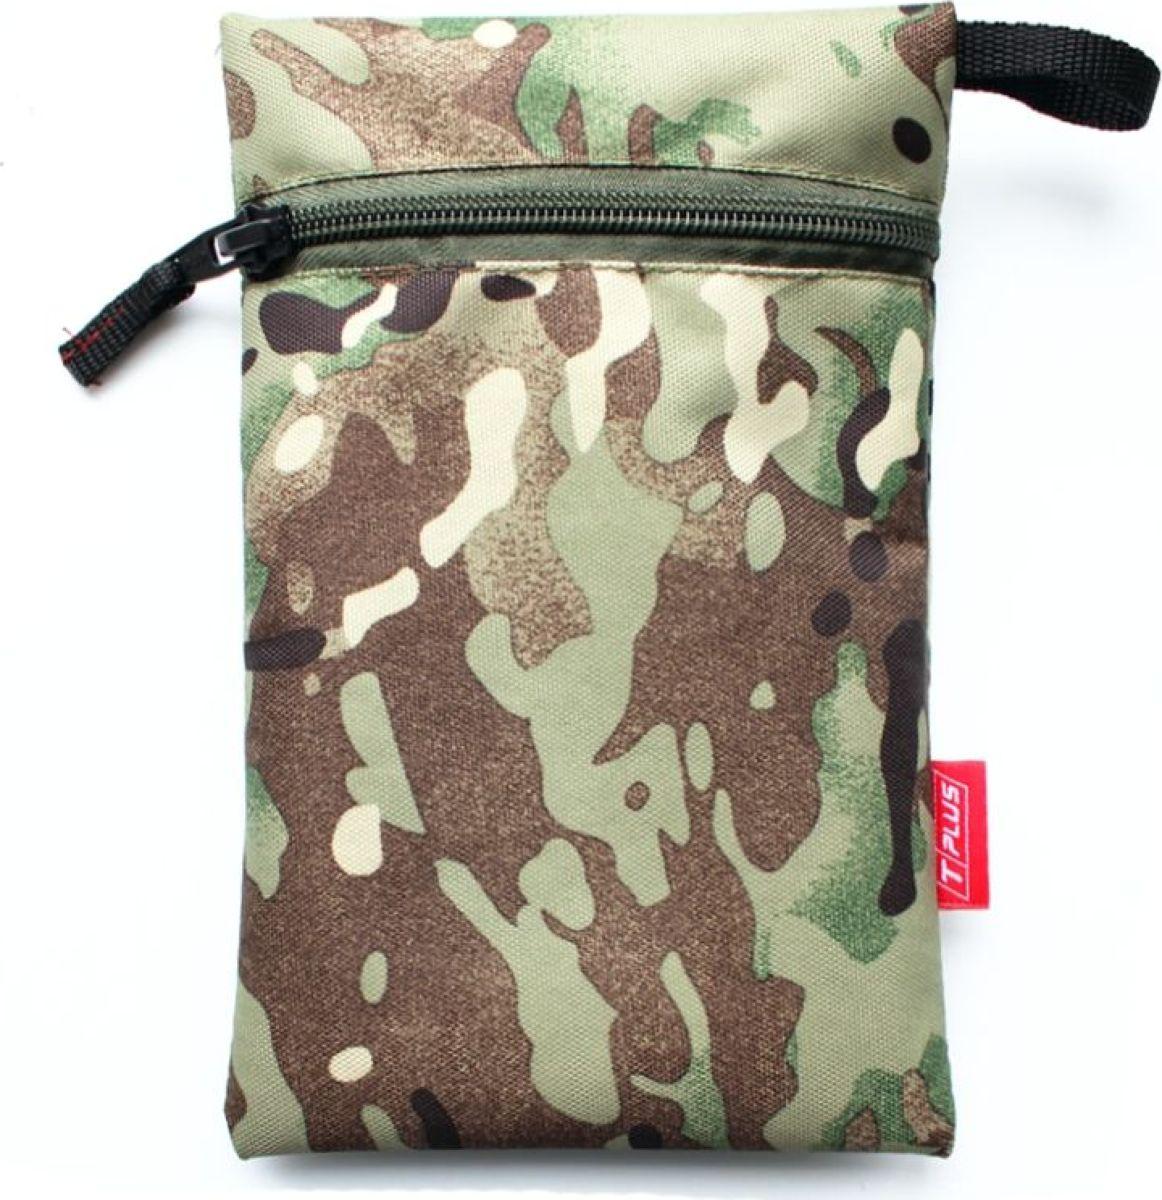 Мешок вещевой Tplus 600, цвет: мультиколор, 13 x 20 см сумка для такелажной оснастки tplus сompact t009399